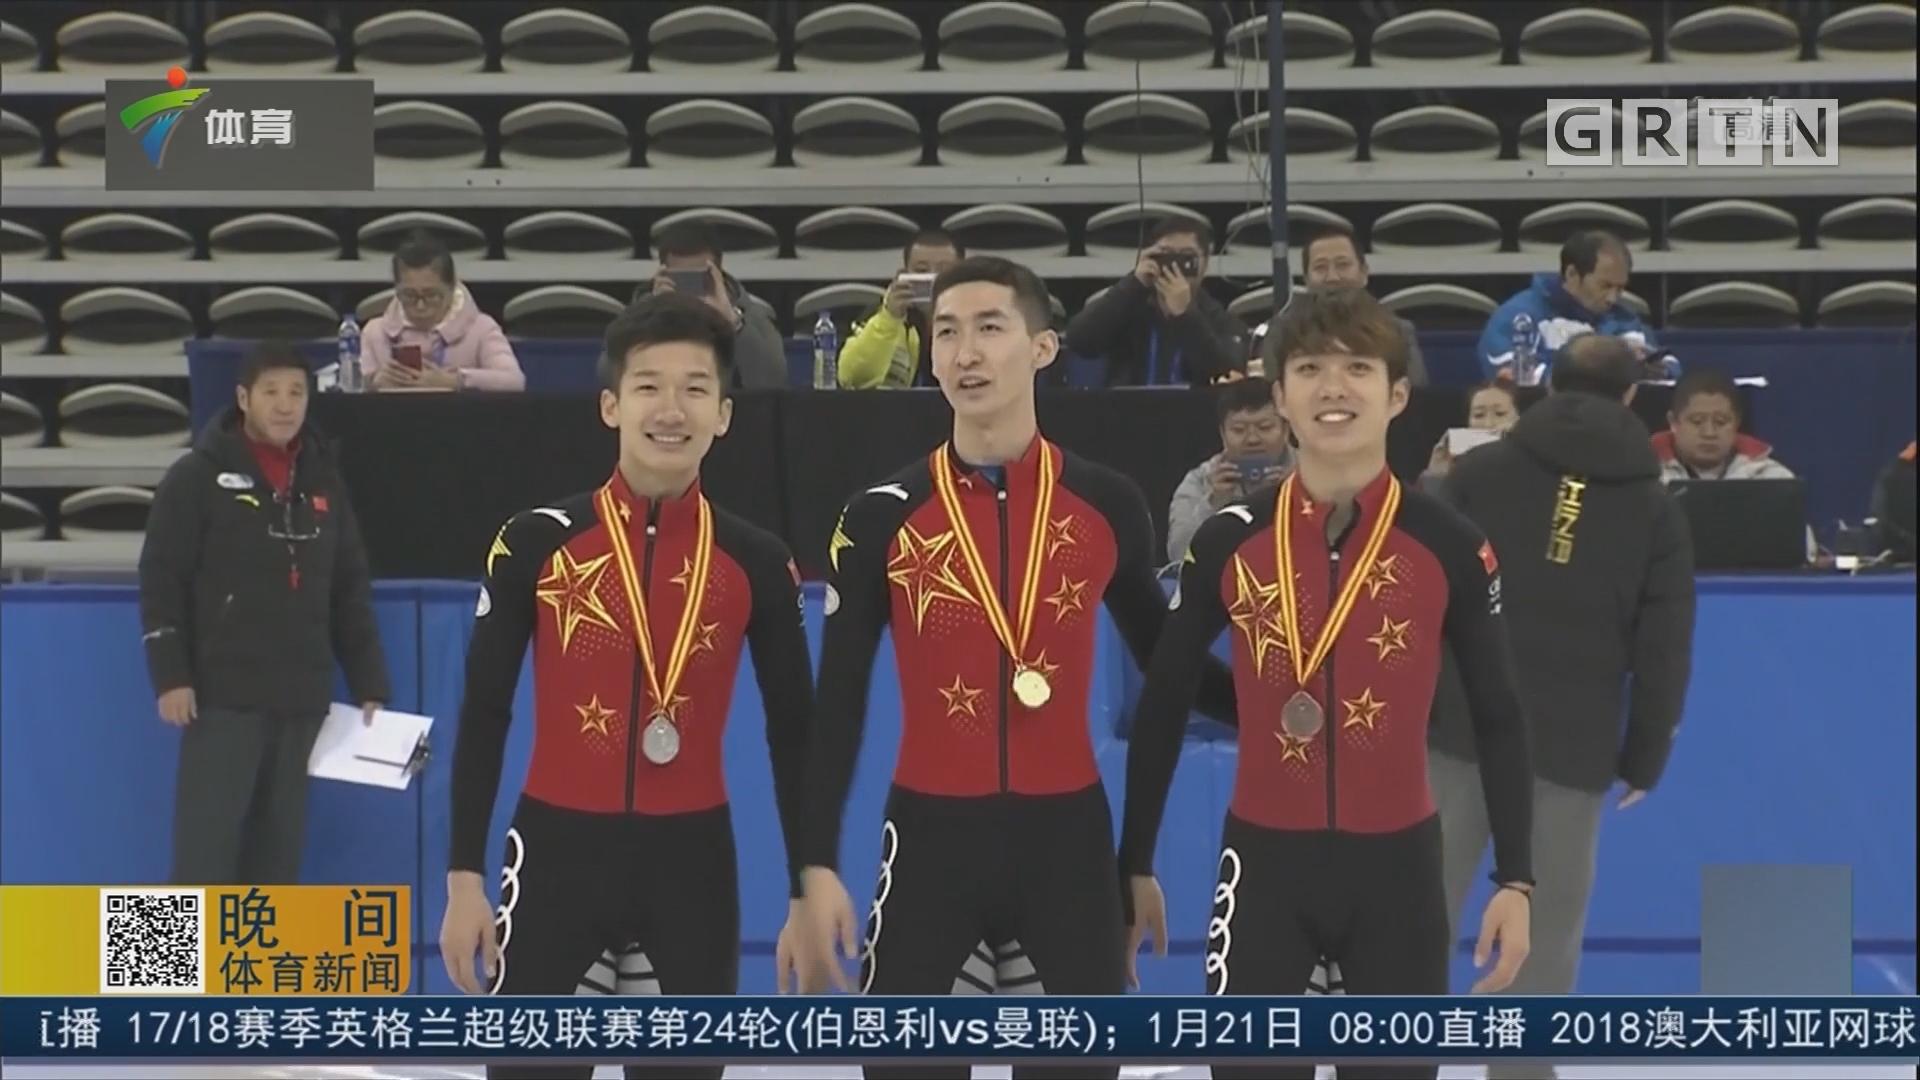 全国冠军赛开赛 范可新、武大靖夺冠